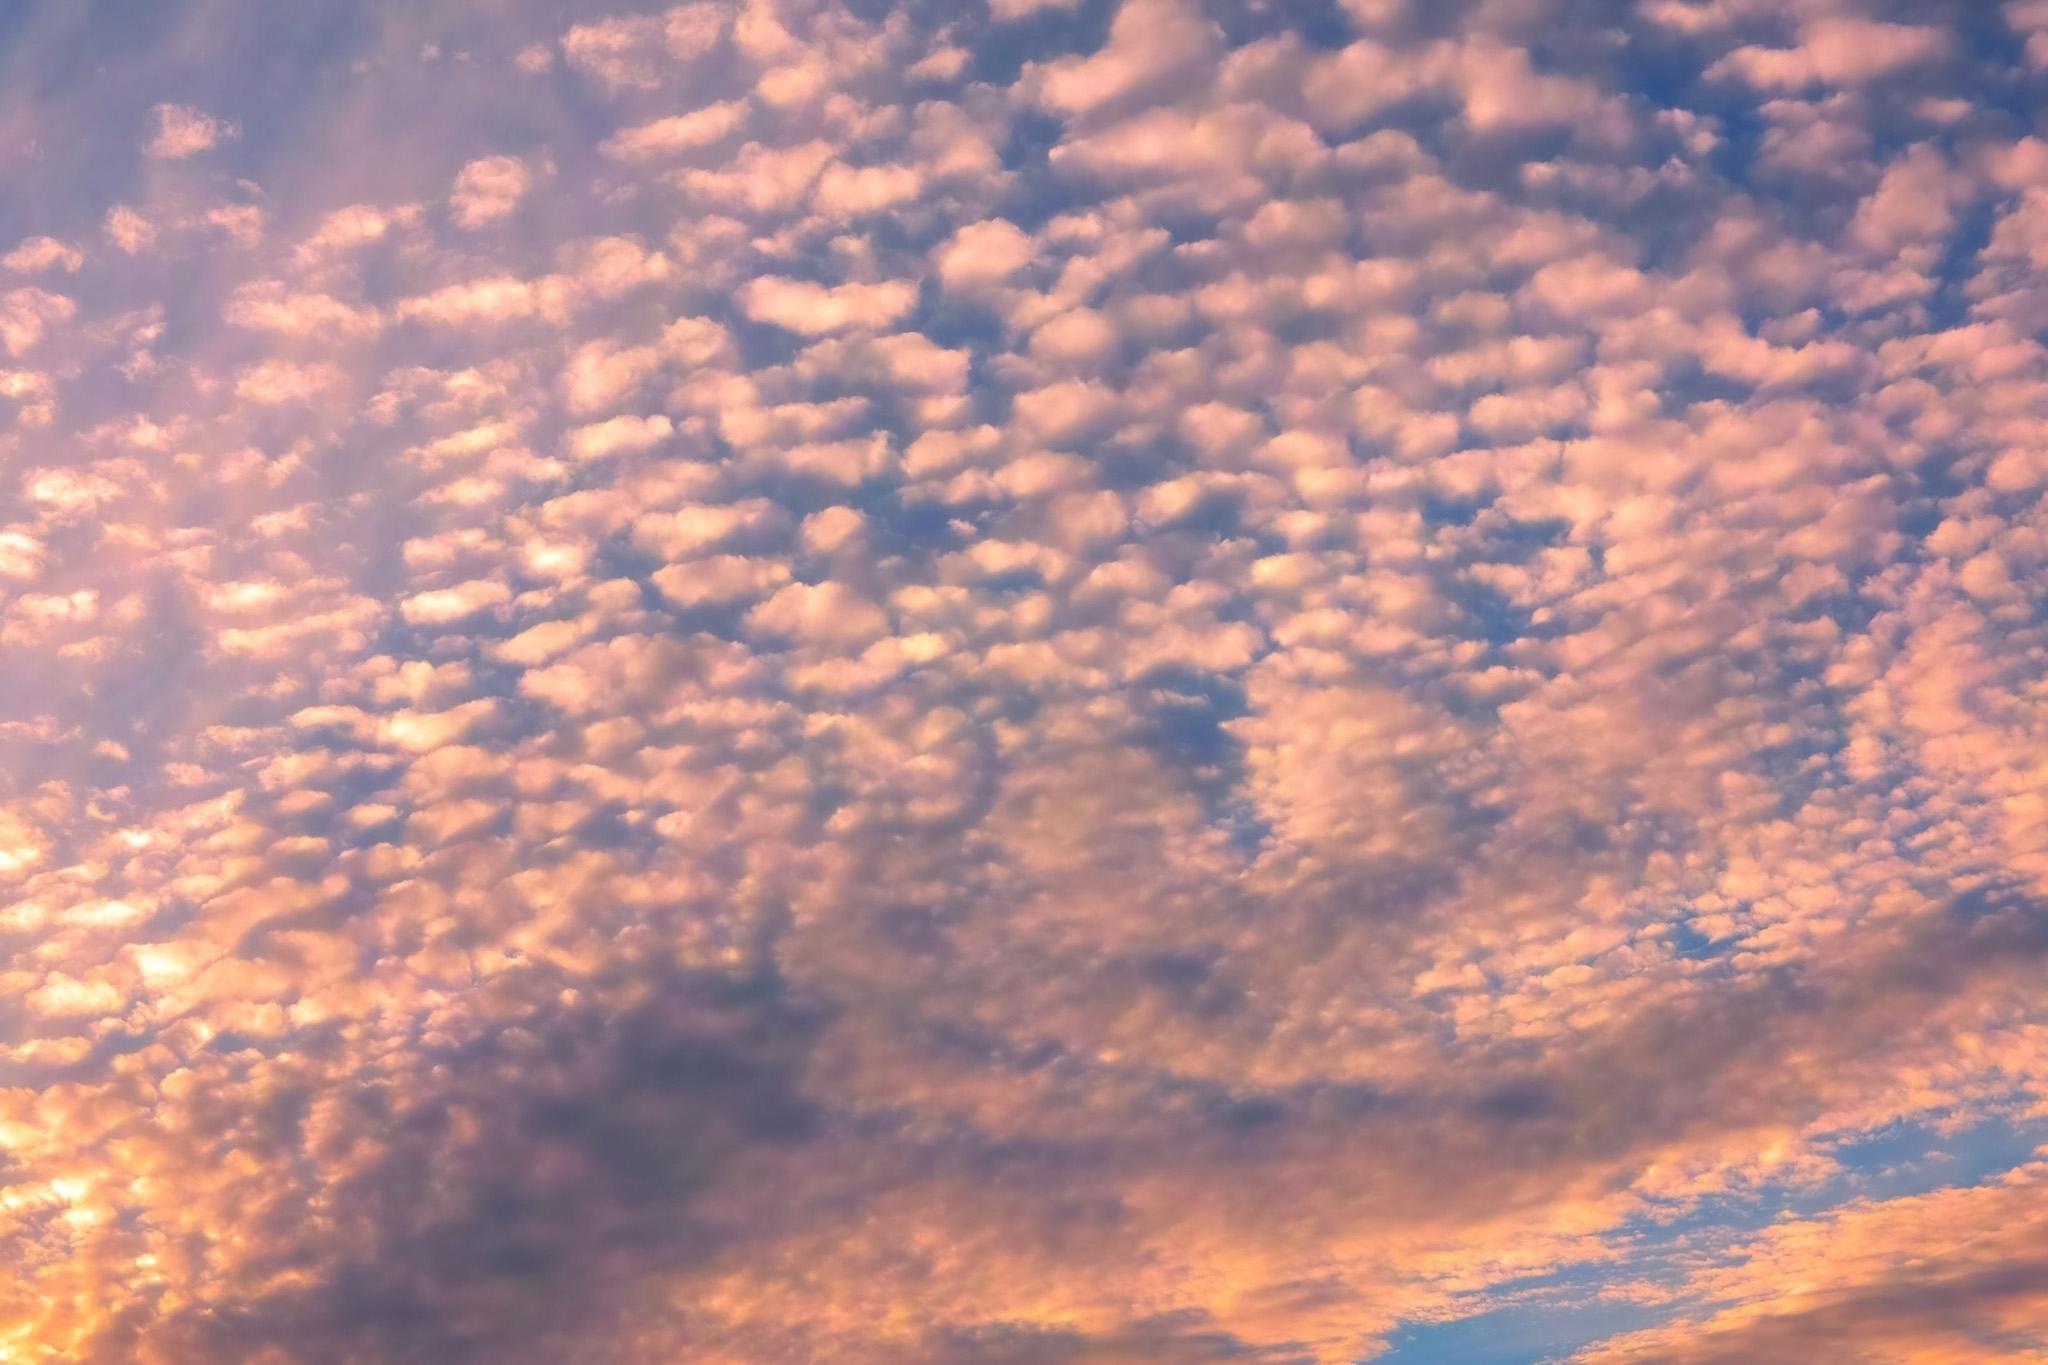 「薄紅の鱗雲が覆う夕焼け空」